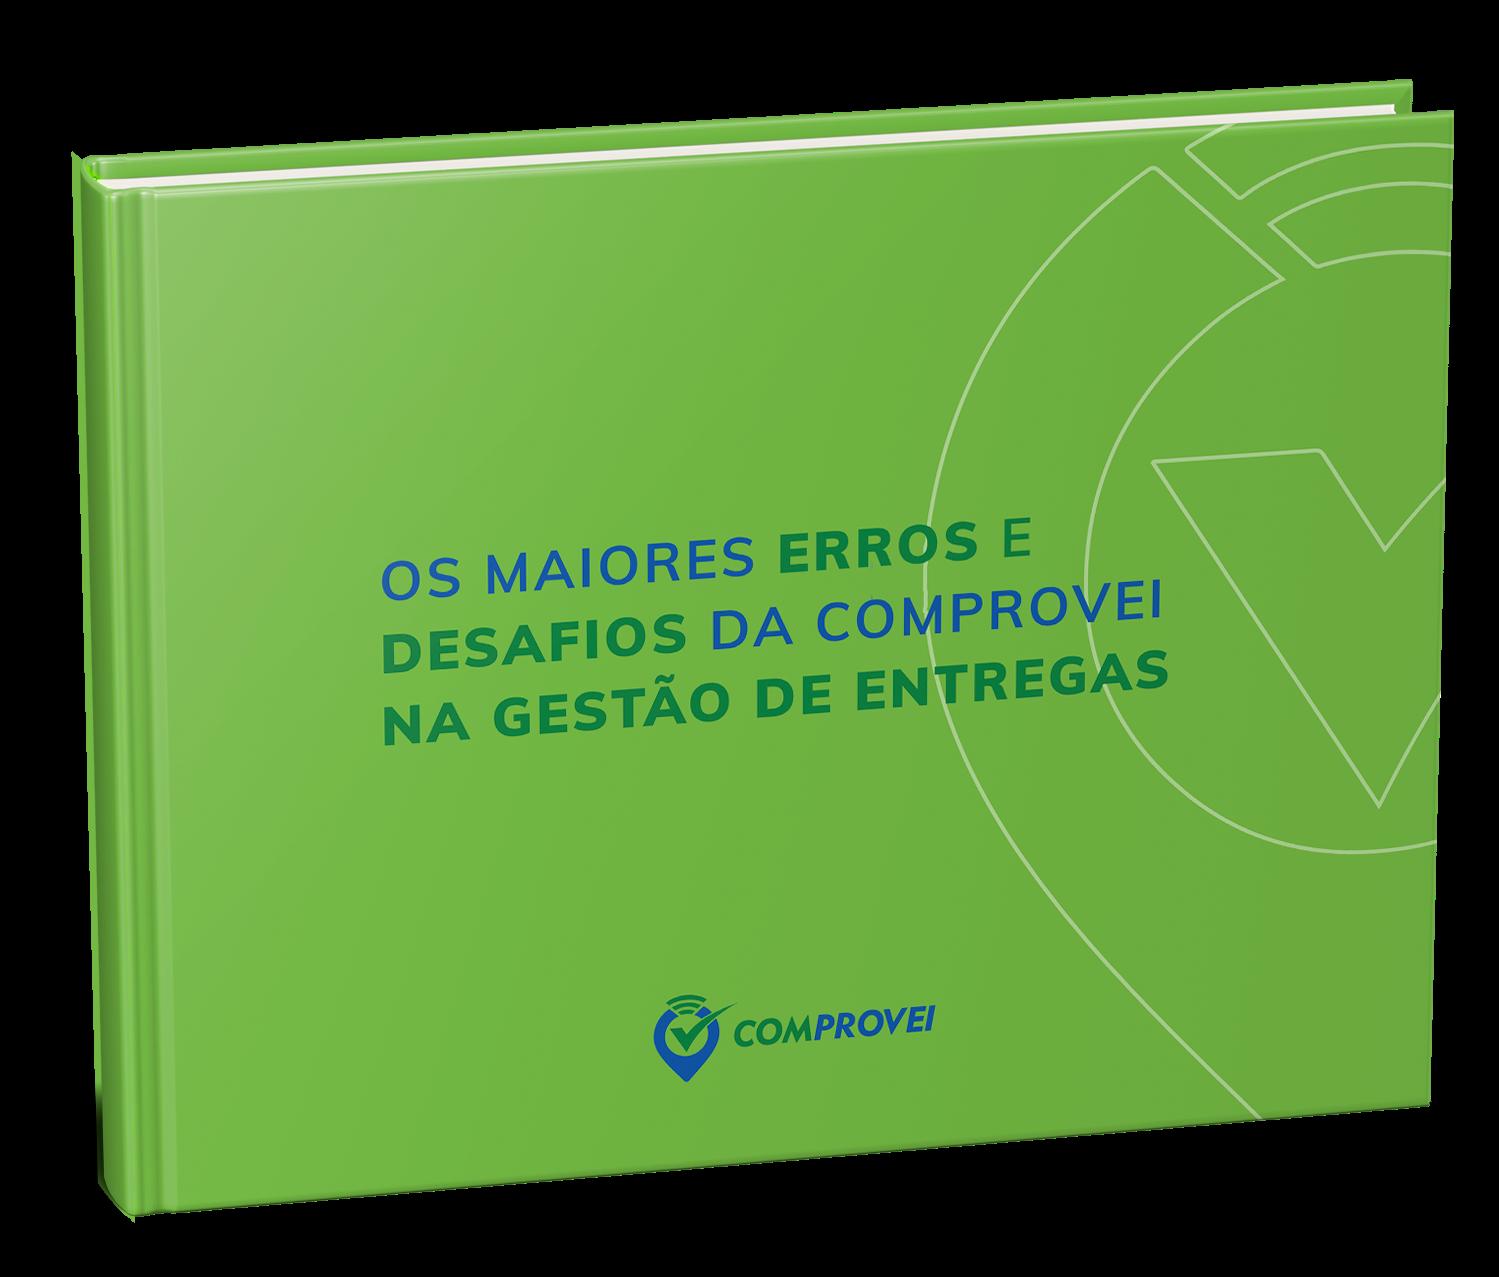 e_book_comprovei 082021.